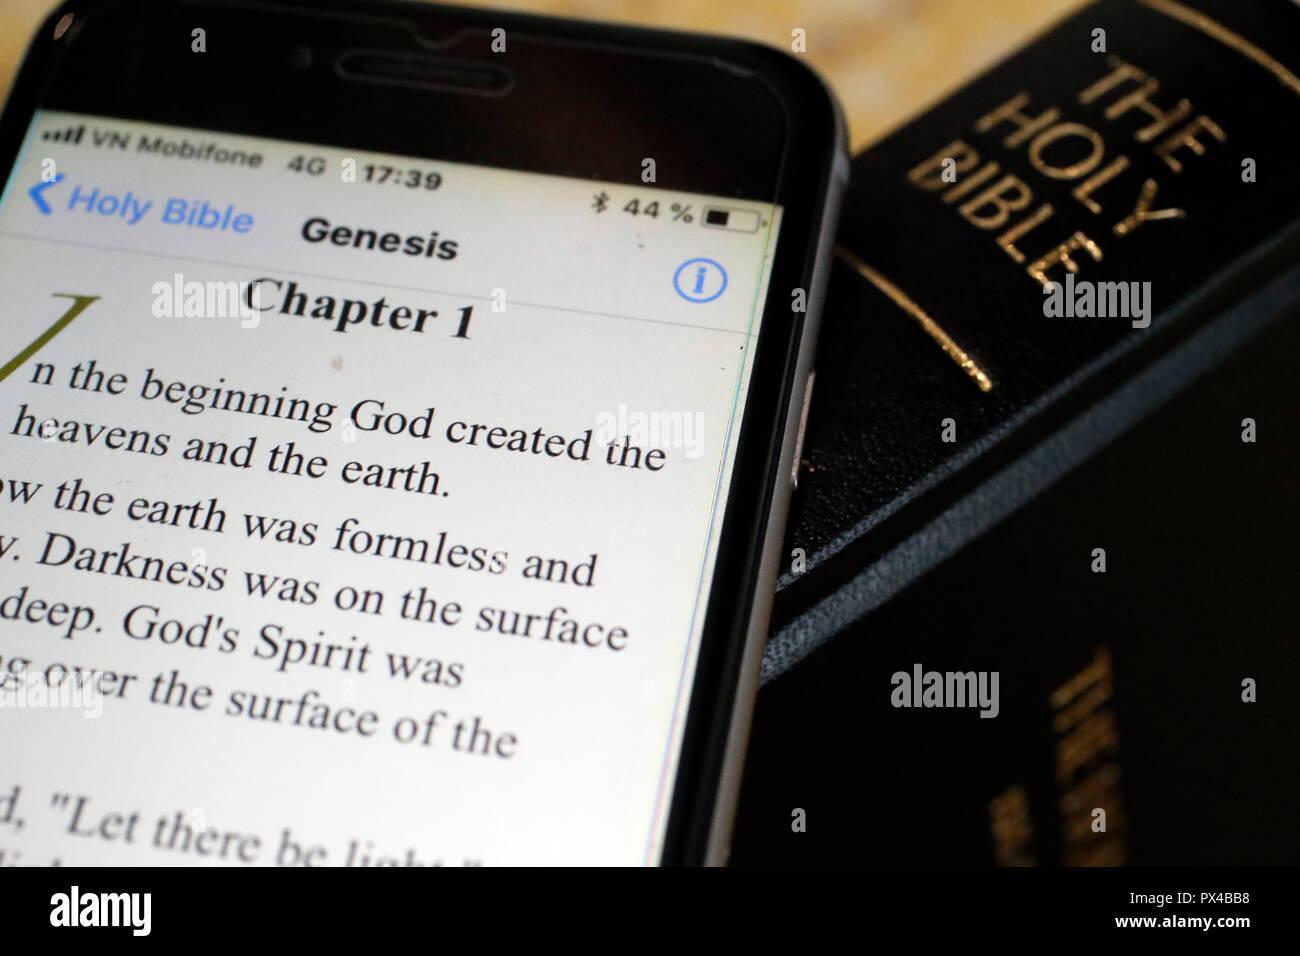 Bible Bible papier et numérique app sur smartphone. L'Ancien Testament. La genèse. Photo Stock